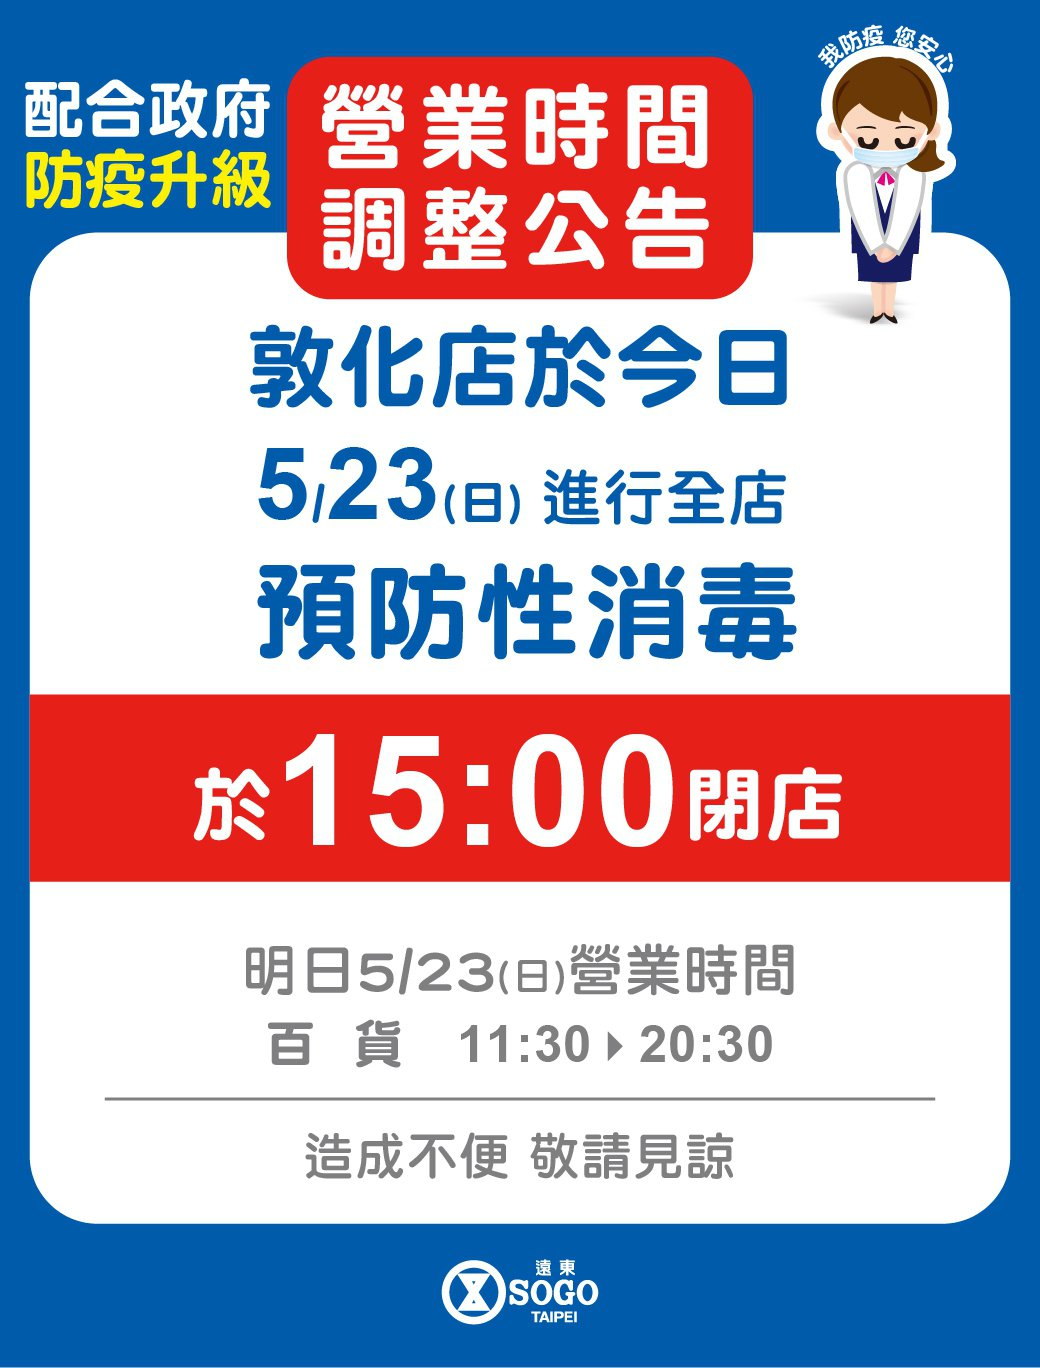 SOGO在粉絲團公告台北敦化店將在今日下午3點閉店進行消毒。圖/摘自SOGO粉絲...